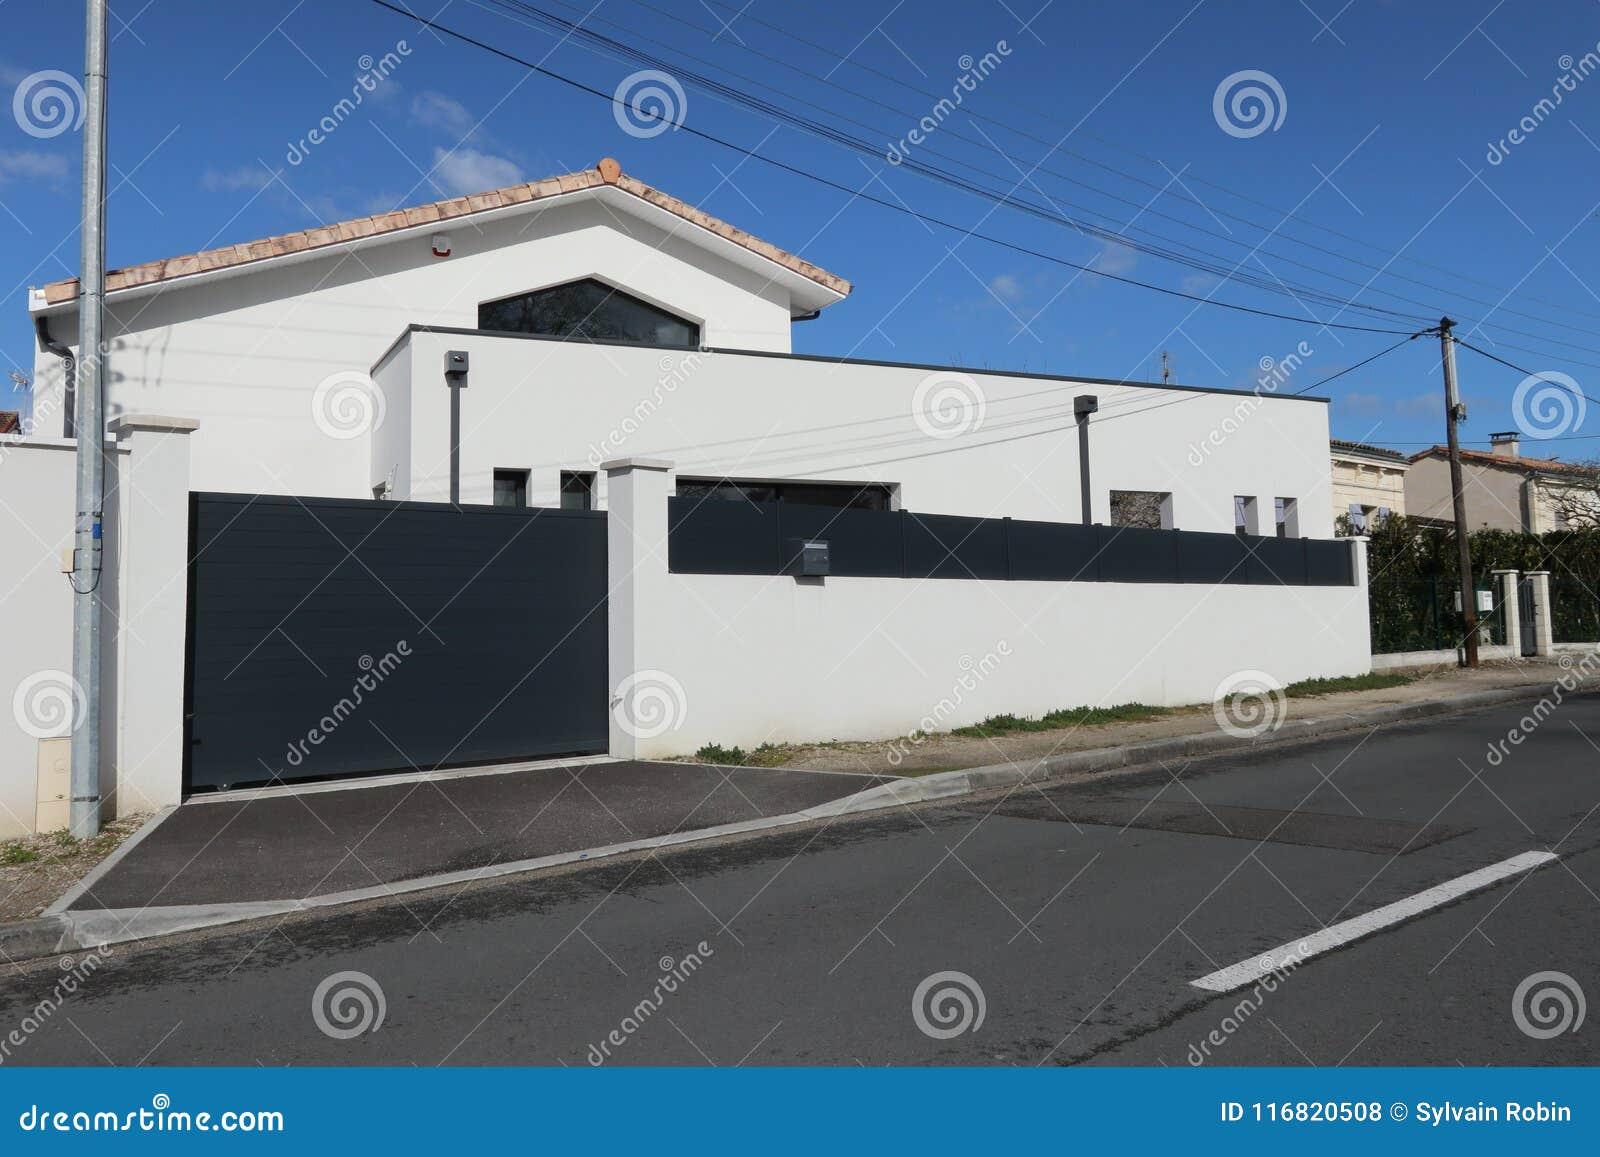 Maison Blanche Et Grise maison blanche et grise récente avec un grand mur protecteur